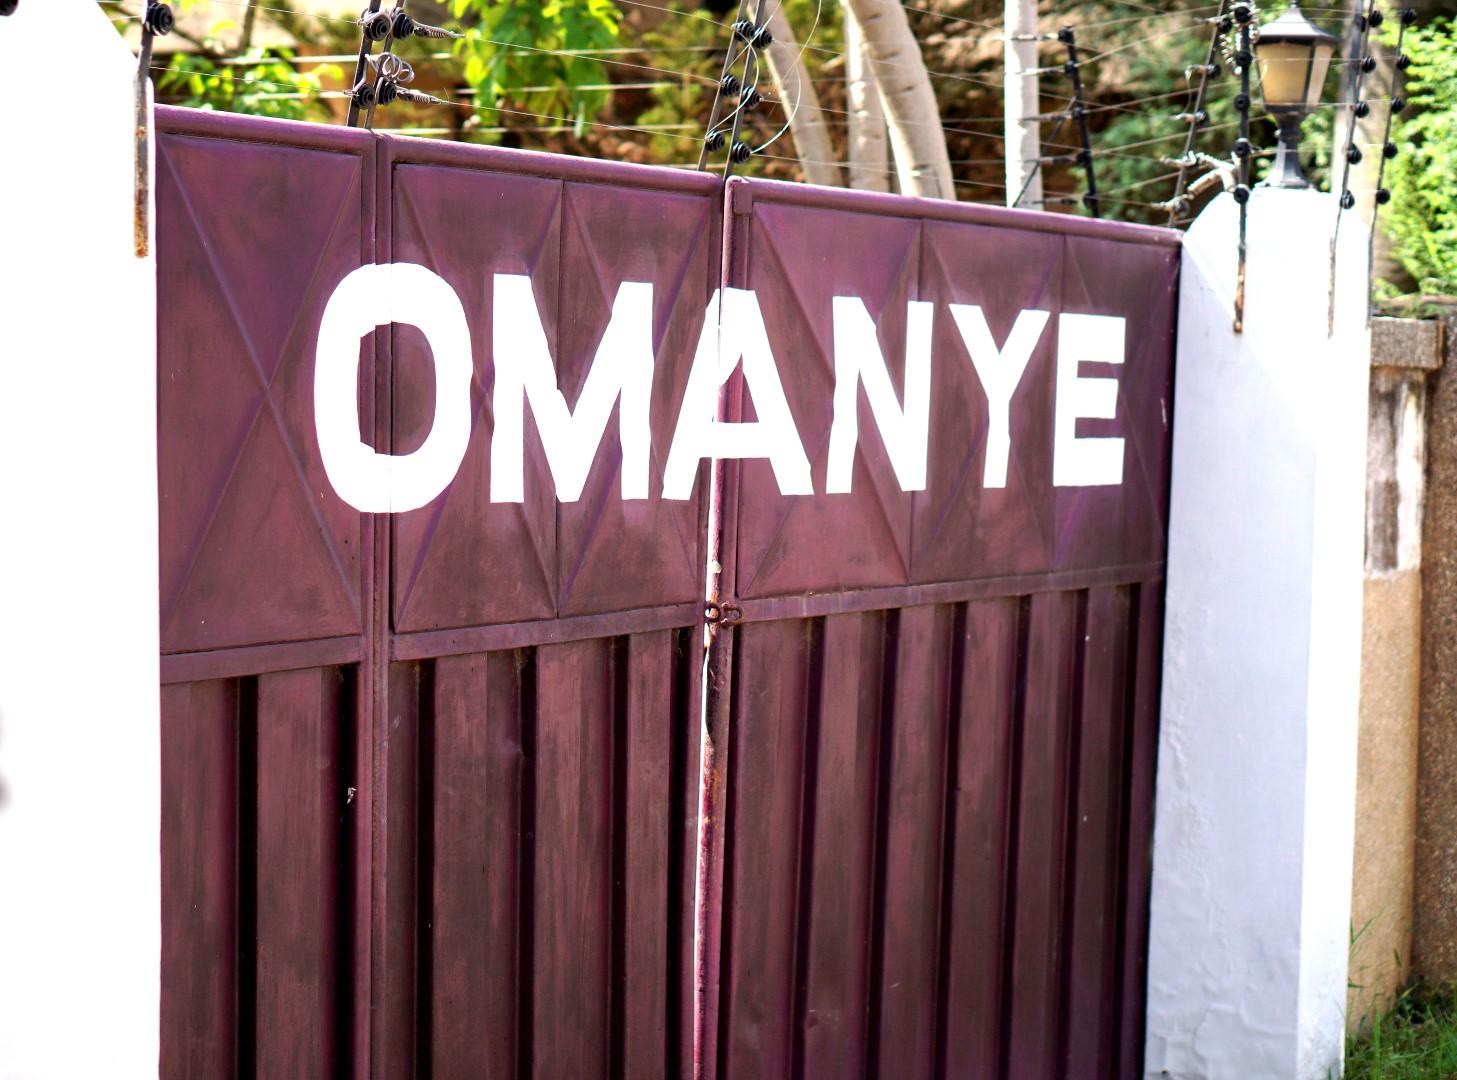 Omanye lodge in Accra